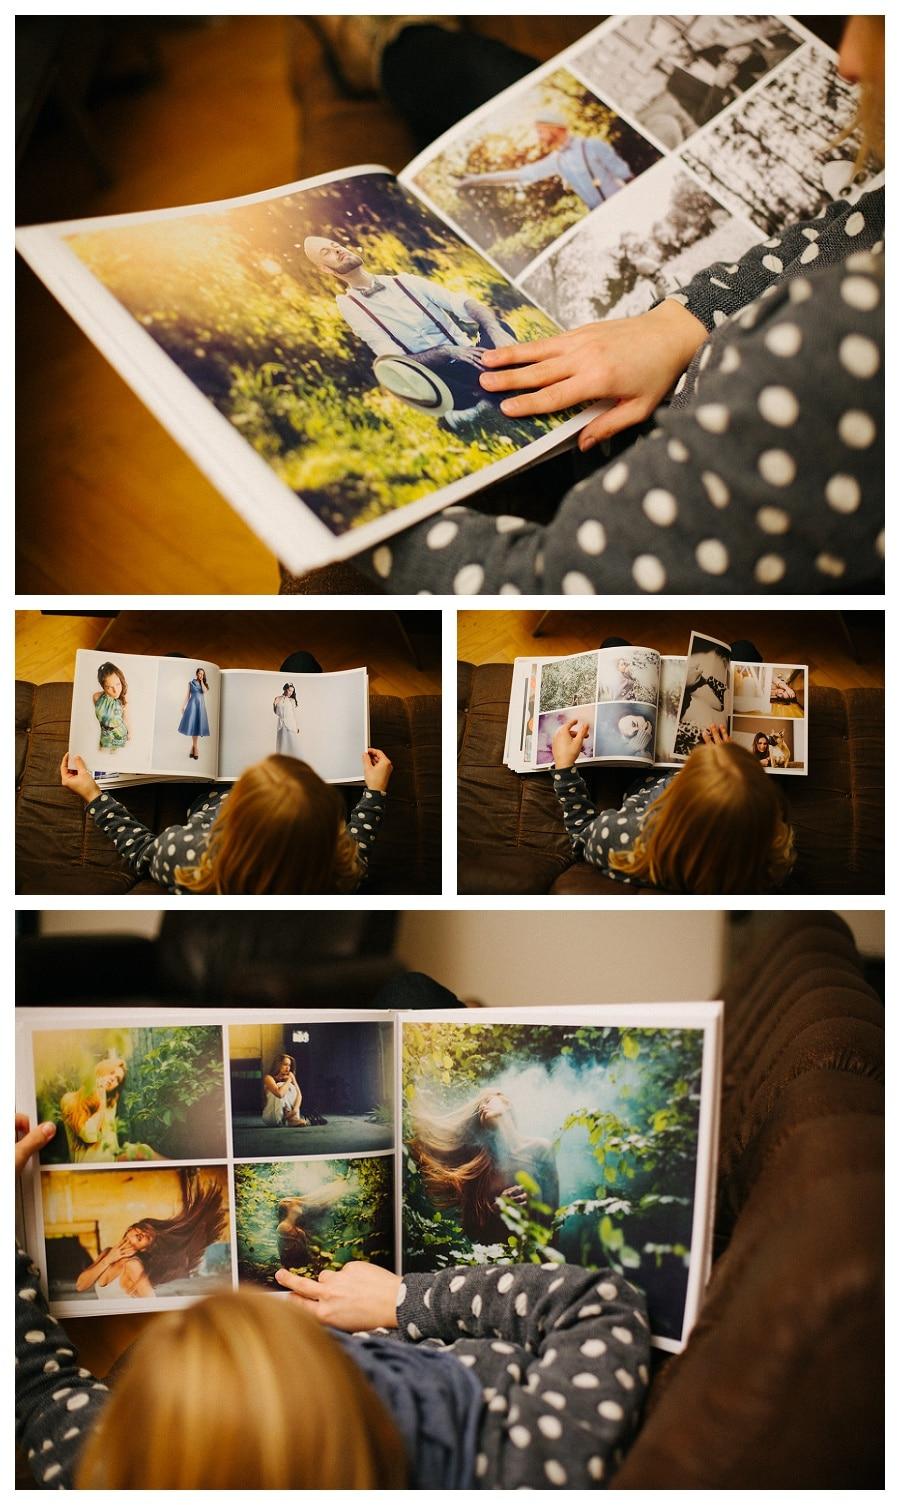 Fotobuch2014-6339